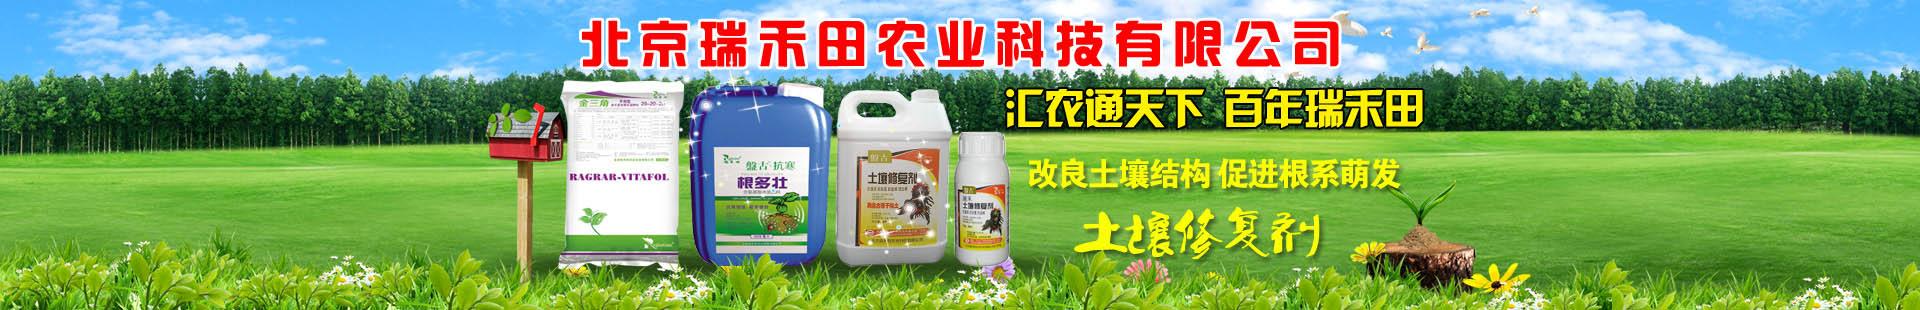 北京瑞禾田农业科技有限公司